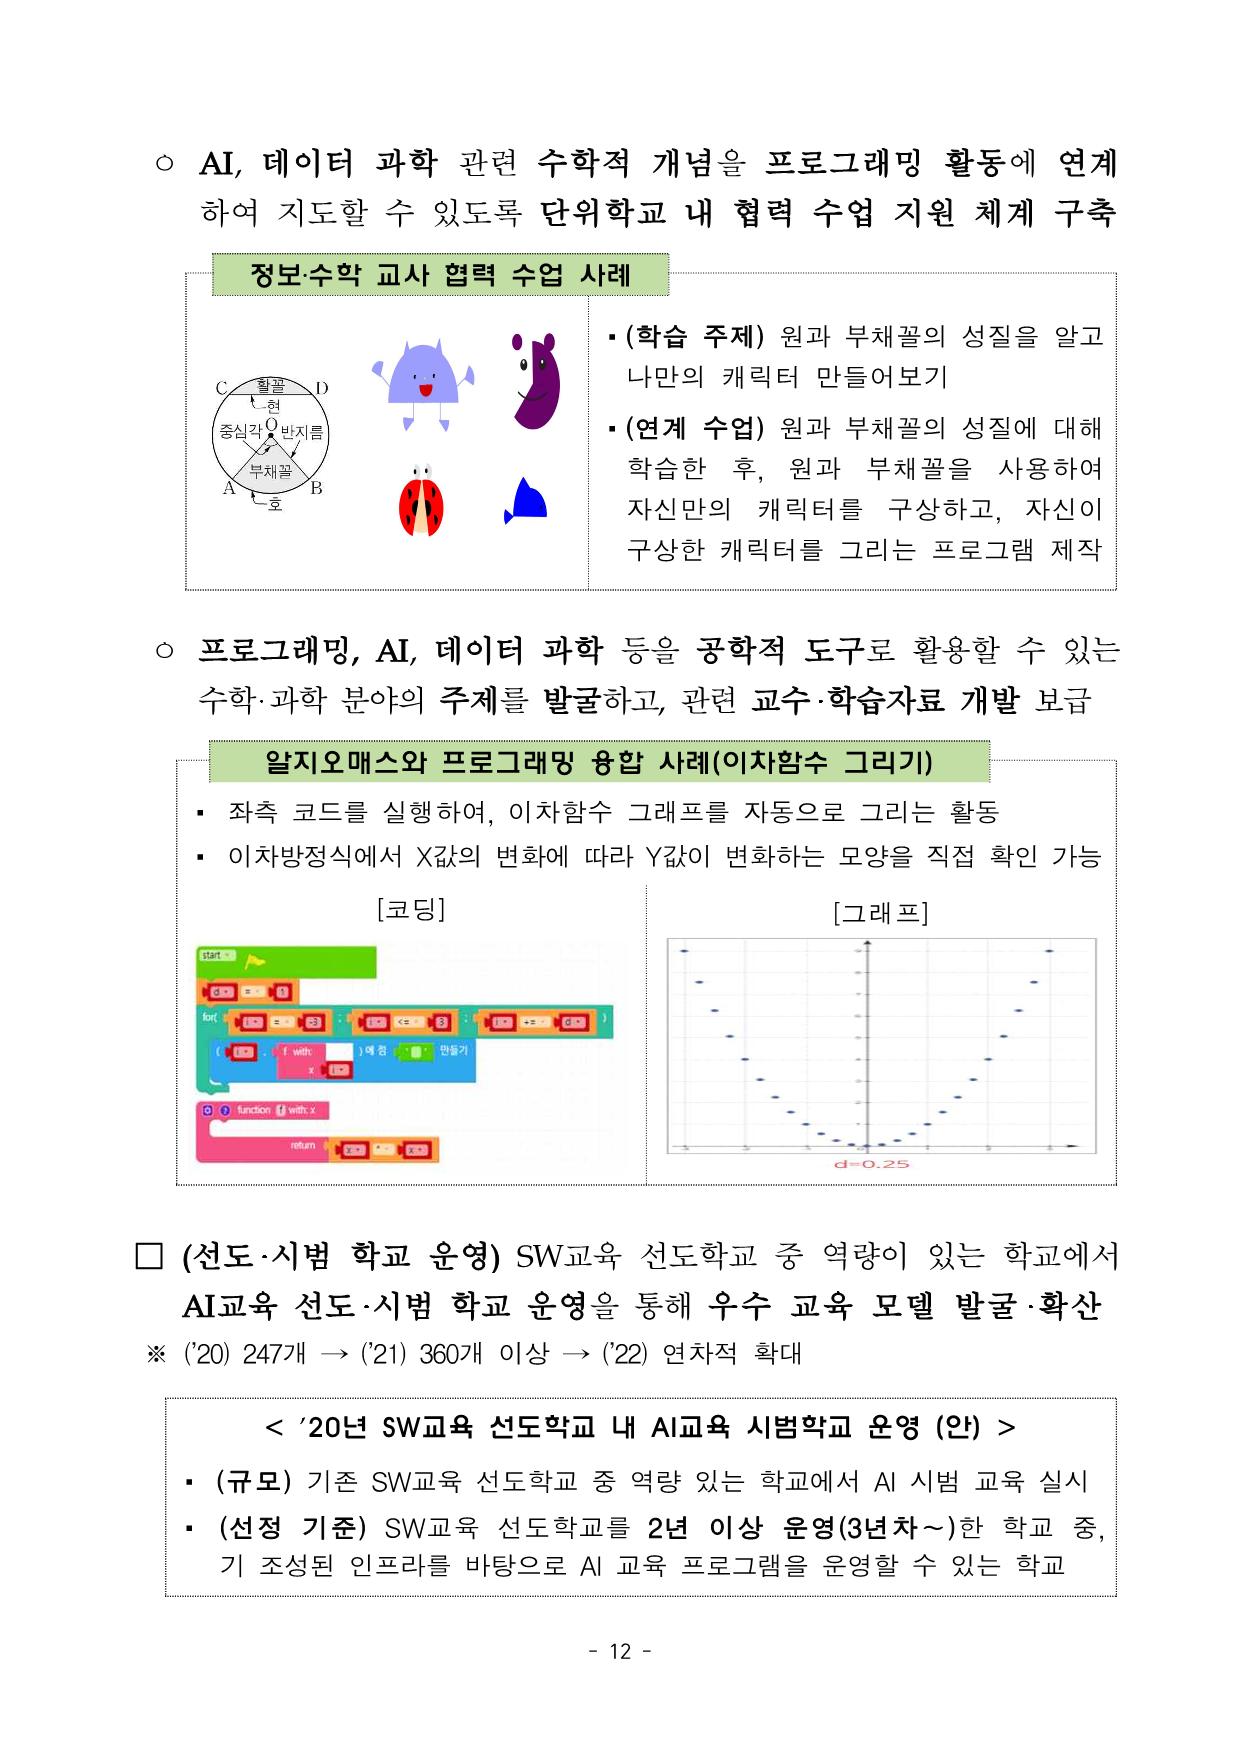 붙임 2-3. 정보교육 종합계획(안)_14.png